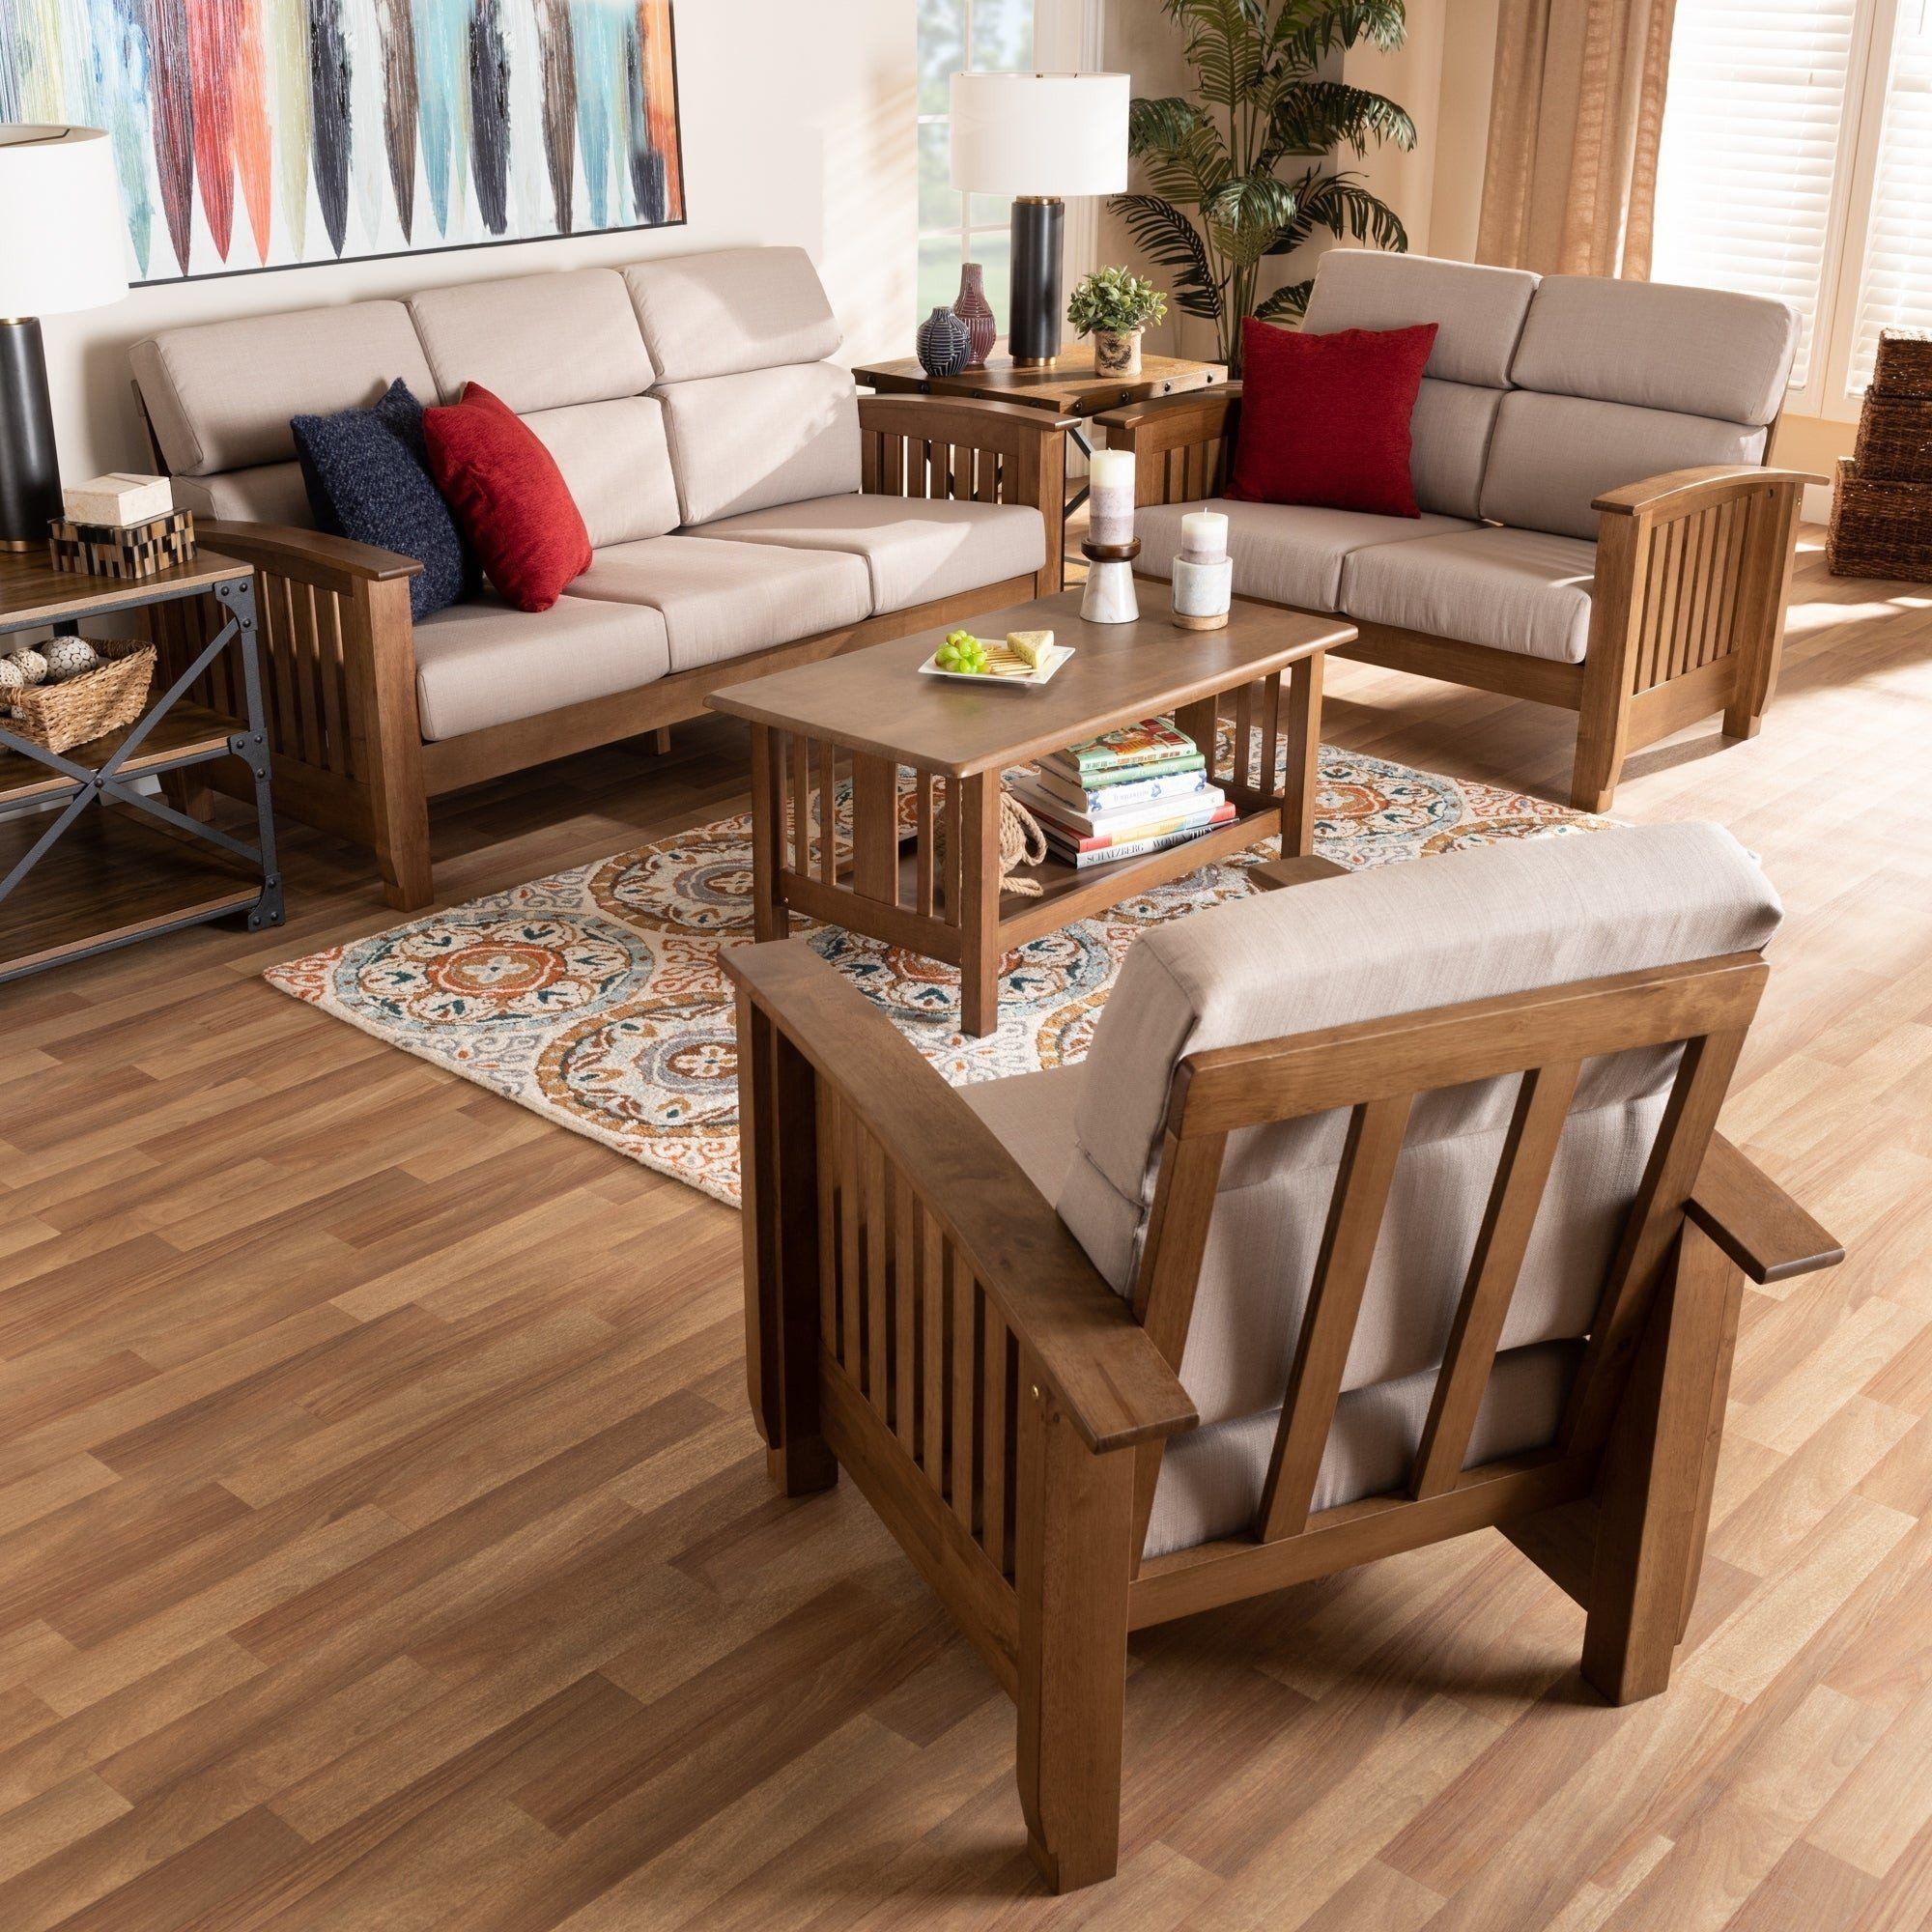 Craftsman Style Living Room Furniture Copper Grove Shoys Mission Style 3 Mission Style Living Room Furniture Mission Style Living Room 3 Piece Living Room Set